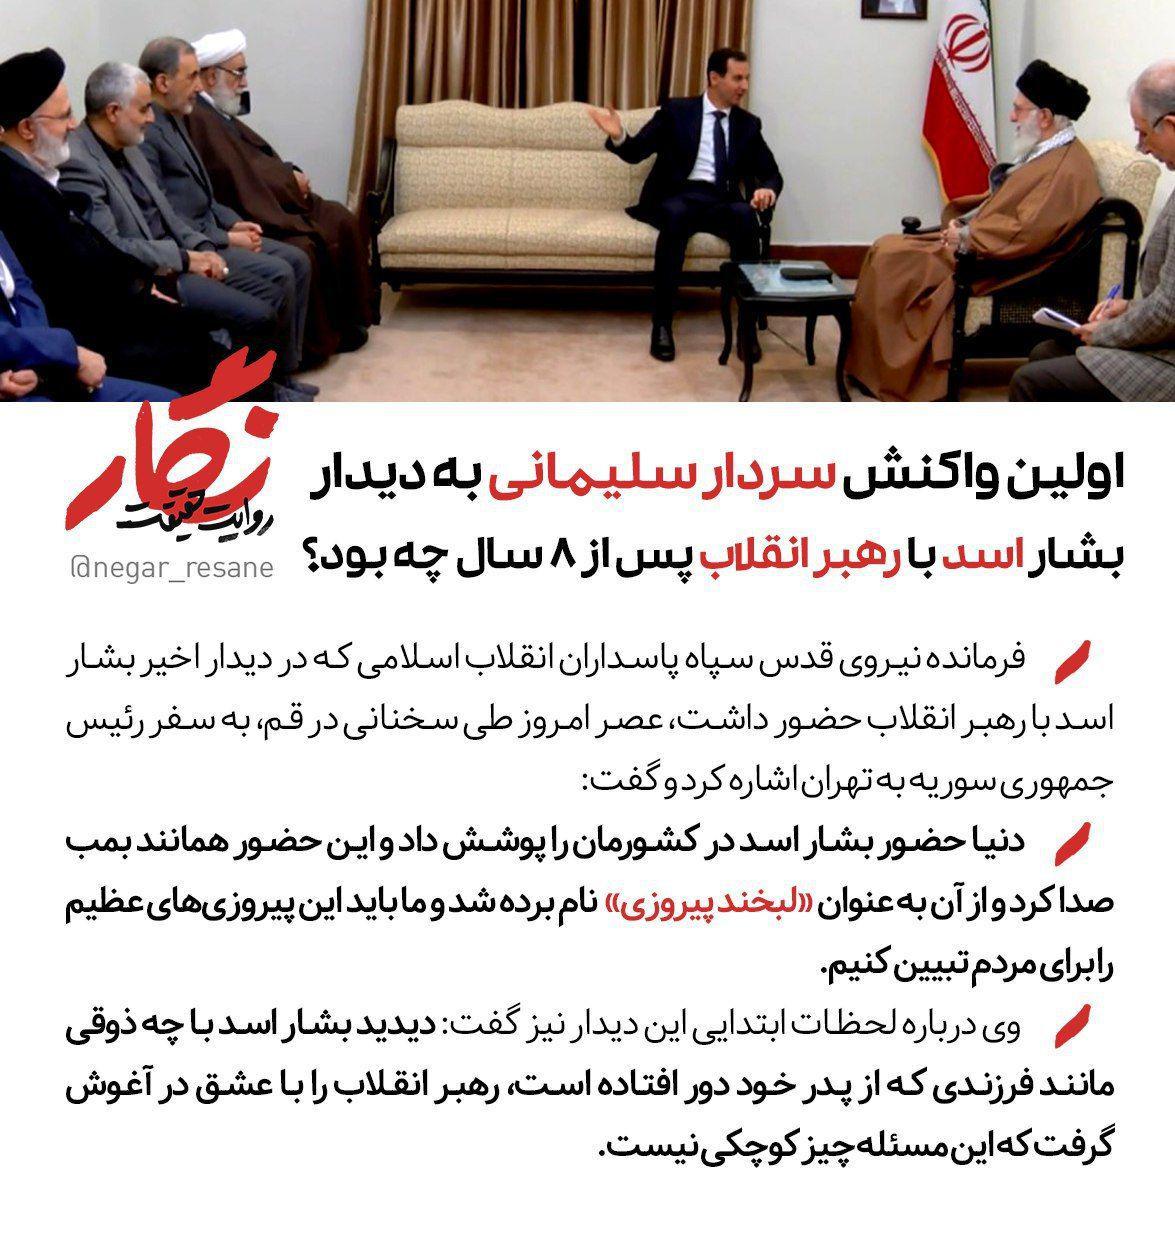 اولین واکنش سردار سلیمانی به دیدار بشار اسد با رهبر انقلاب پس از ۸ سال/ عکس - 8